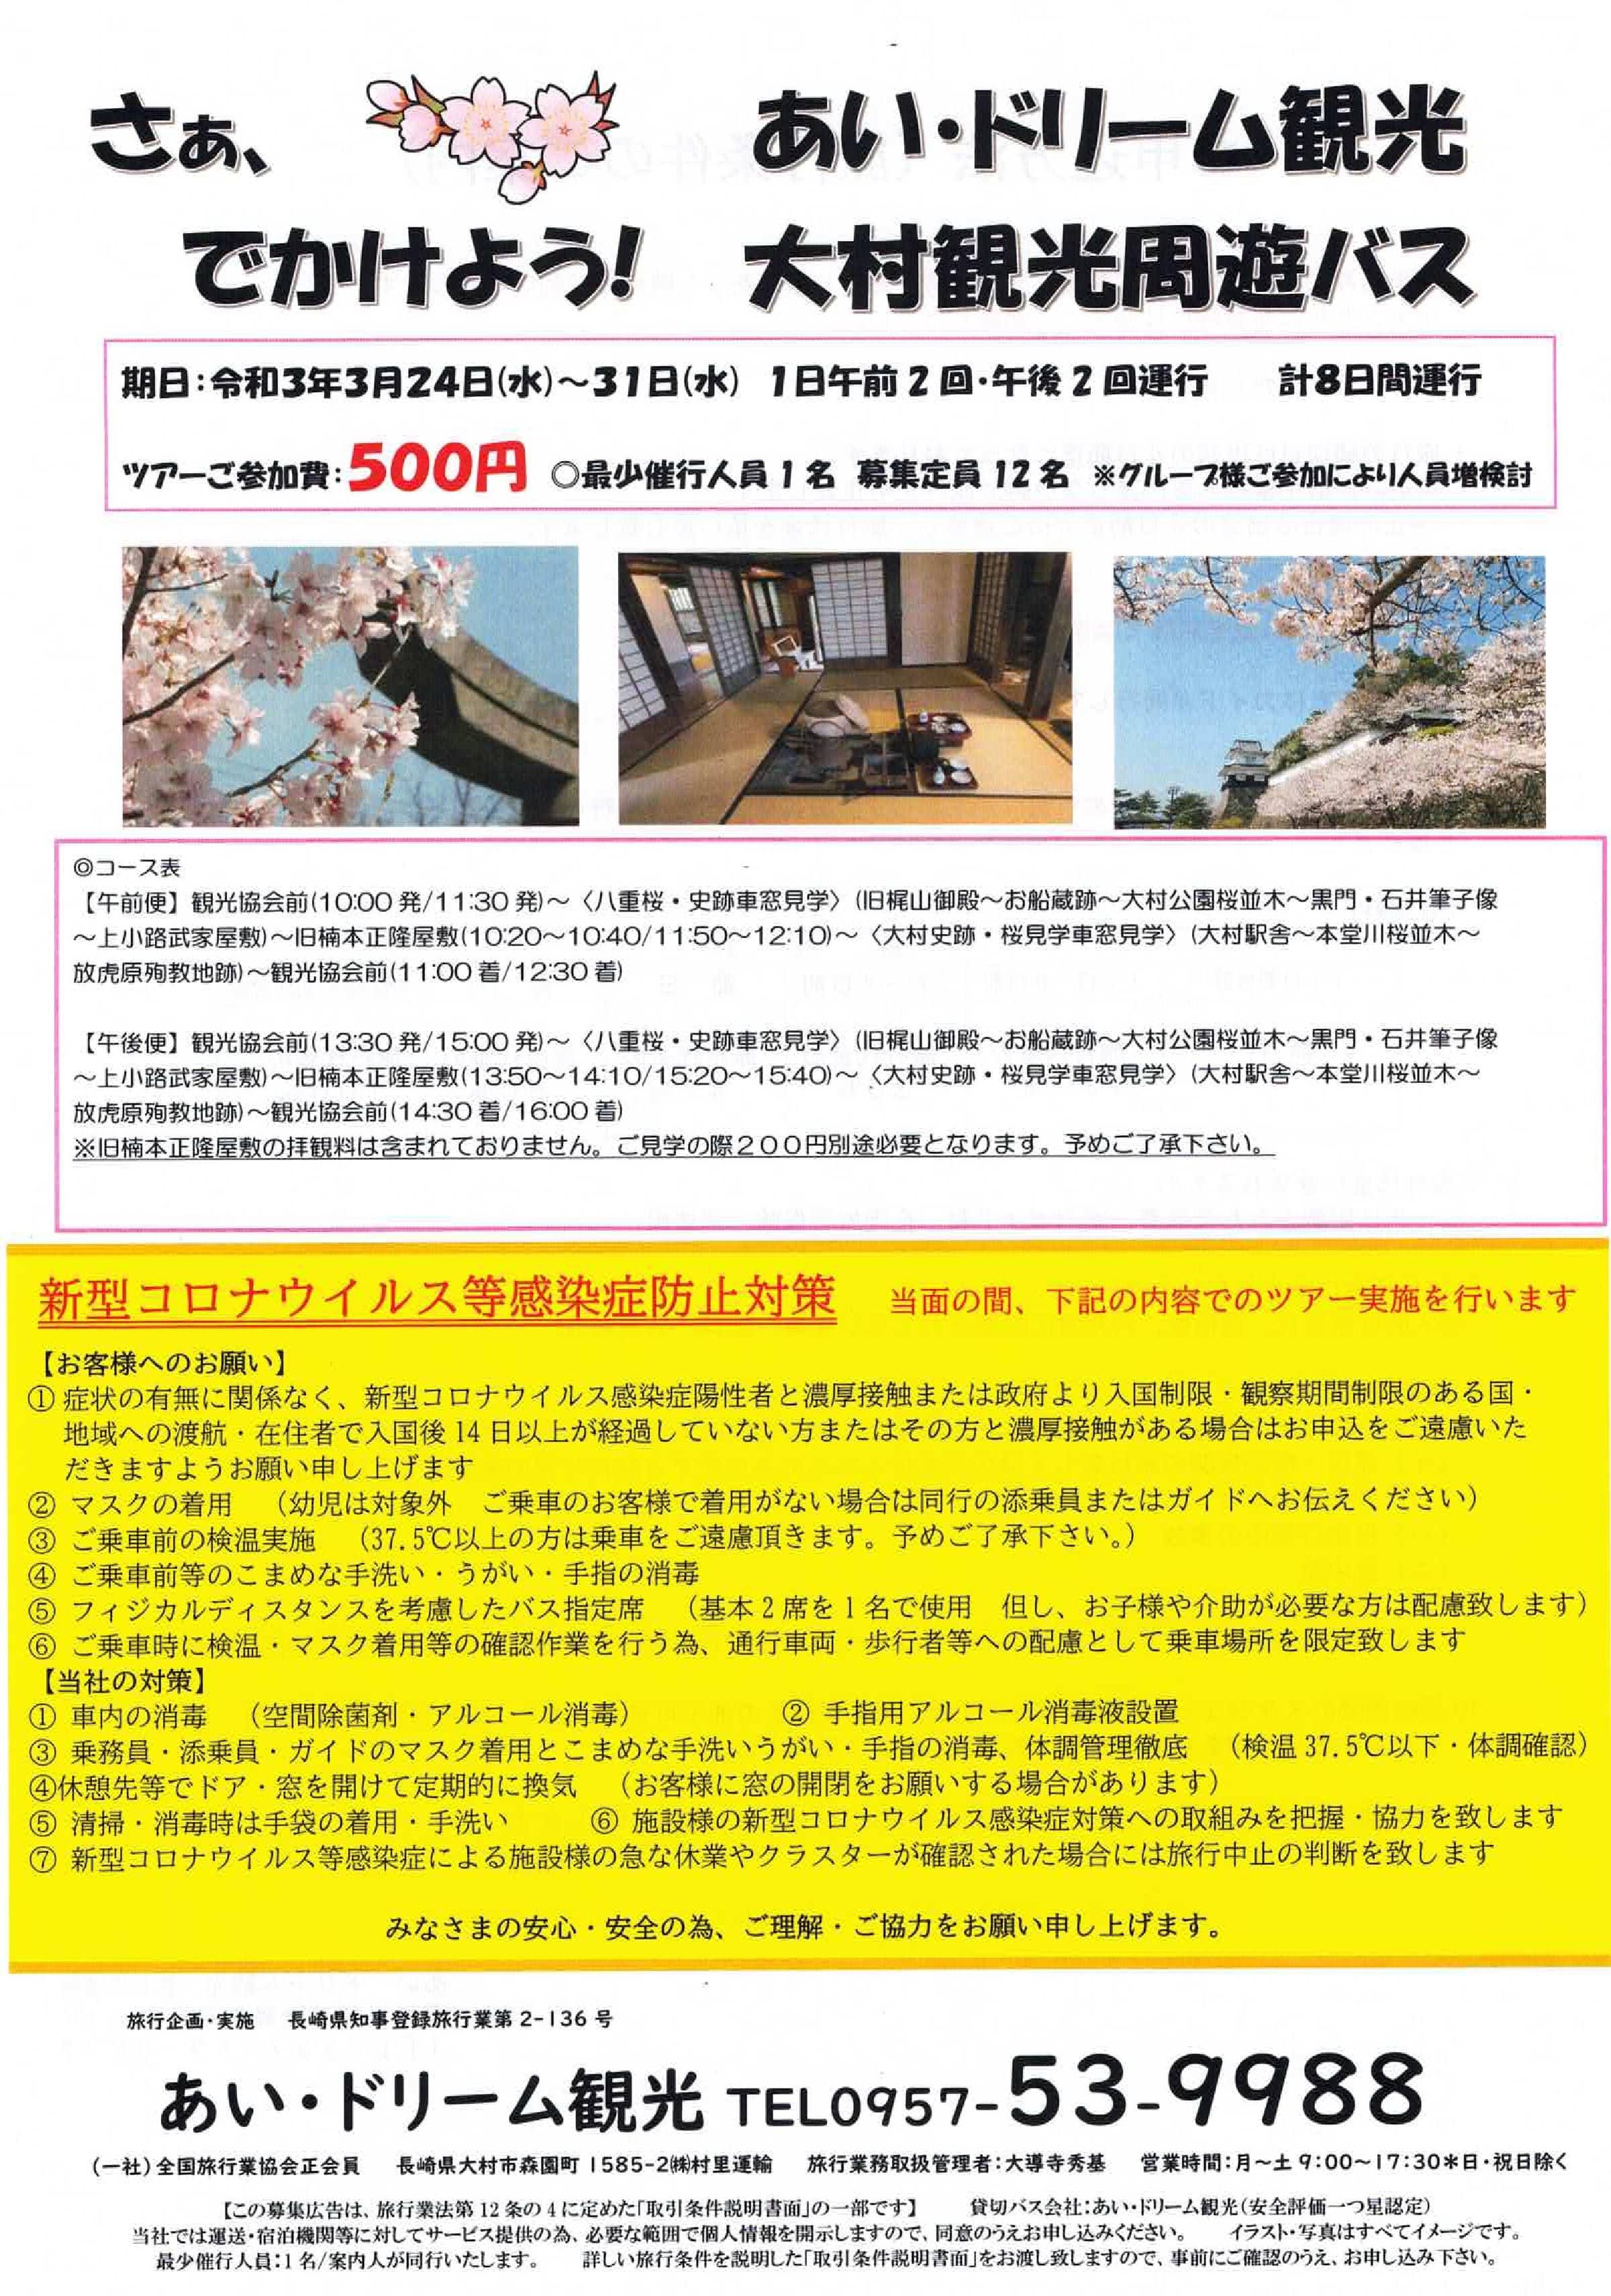 2021omura_excursion_bus-min